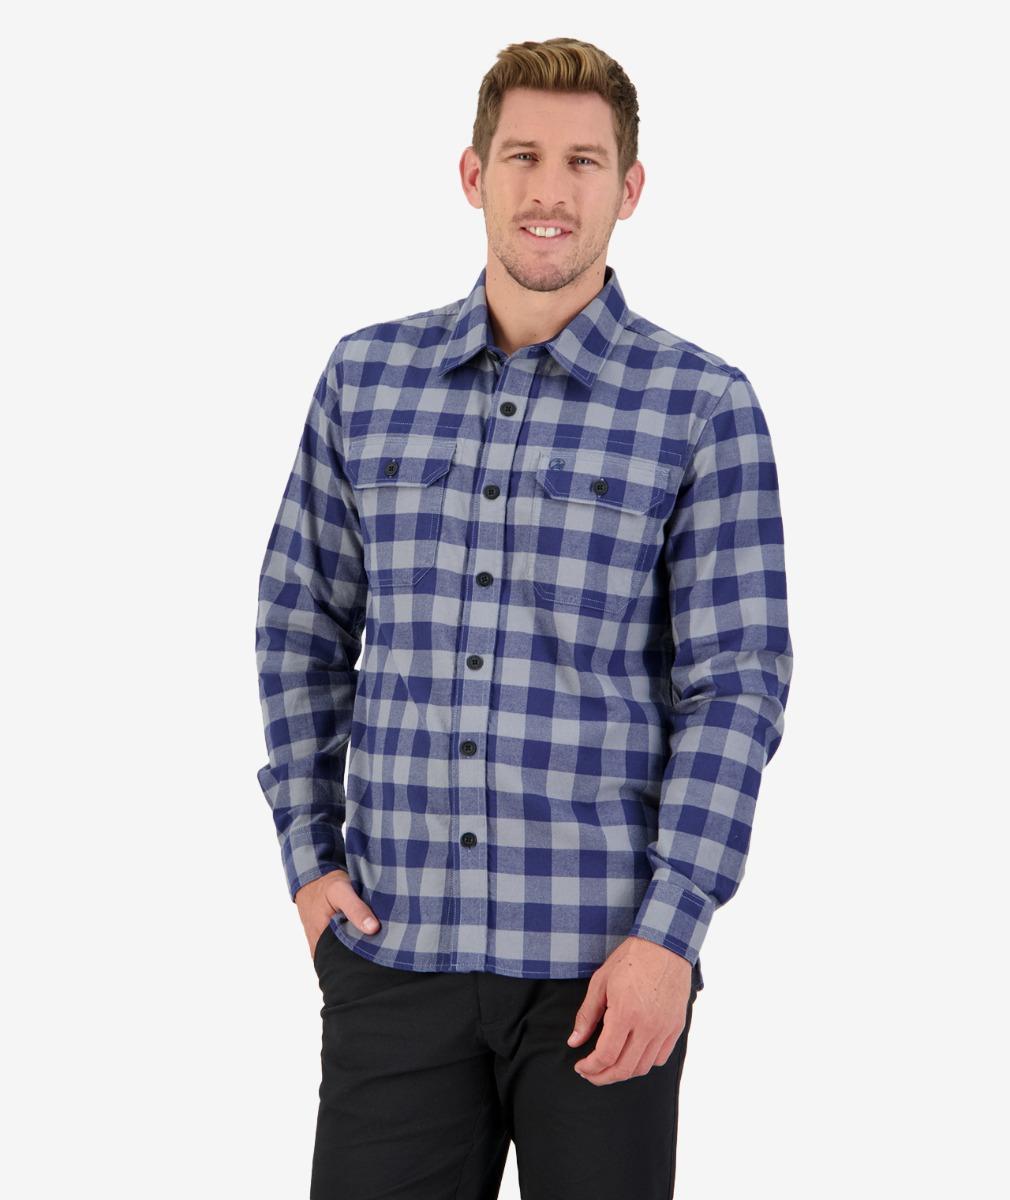 Taranaki Tailor L/S Work Shirt in Grey/Navy